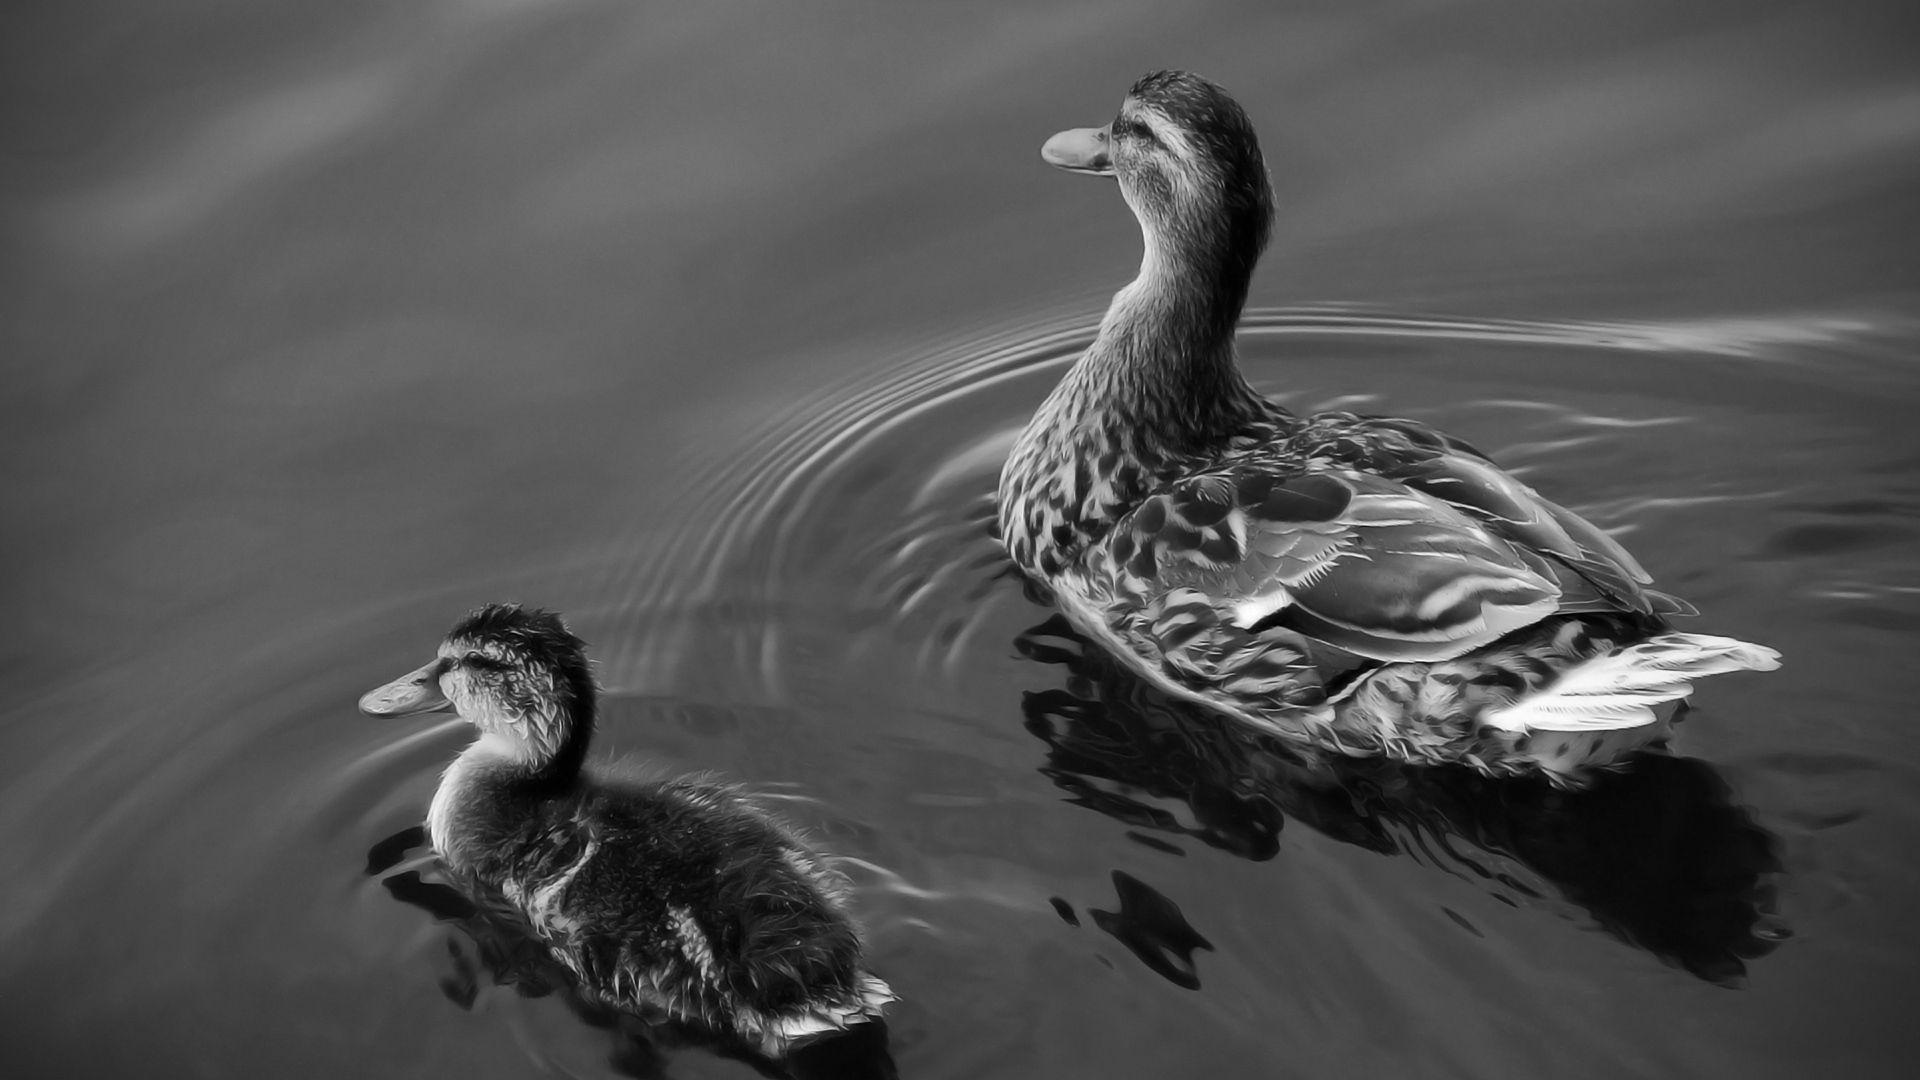 111443 скачать обои Животные, Вода, Утки, Птица, Плавать, Семейство - заставки и картинки бесплатно